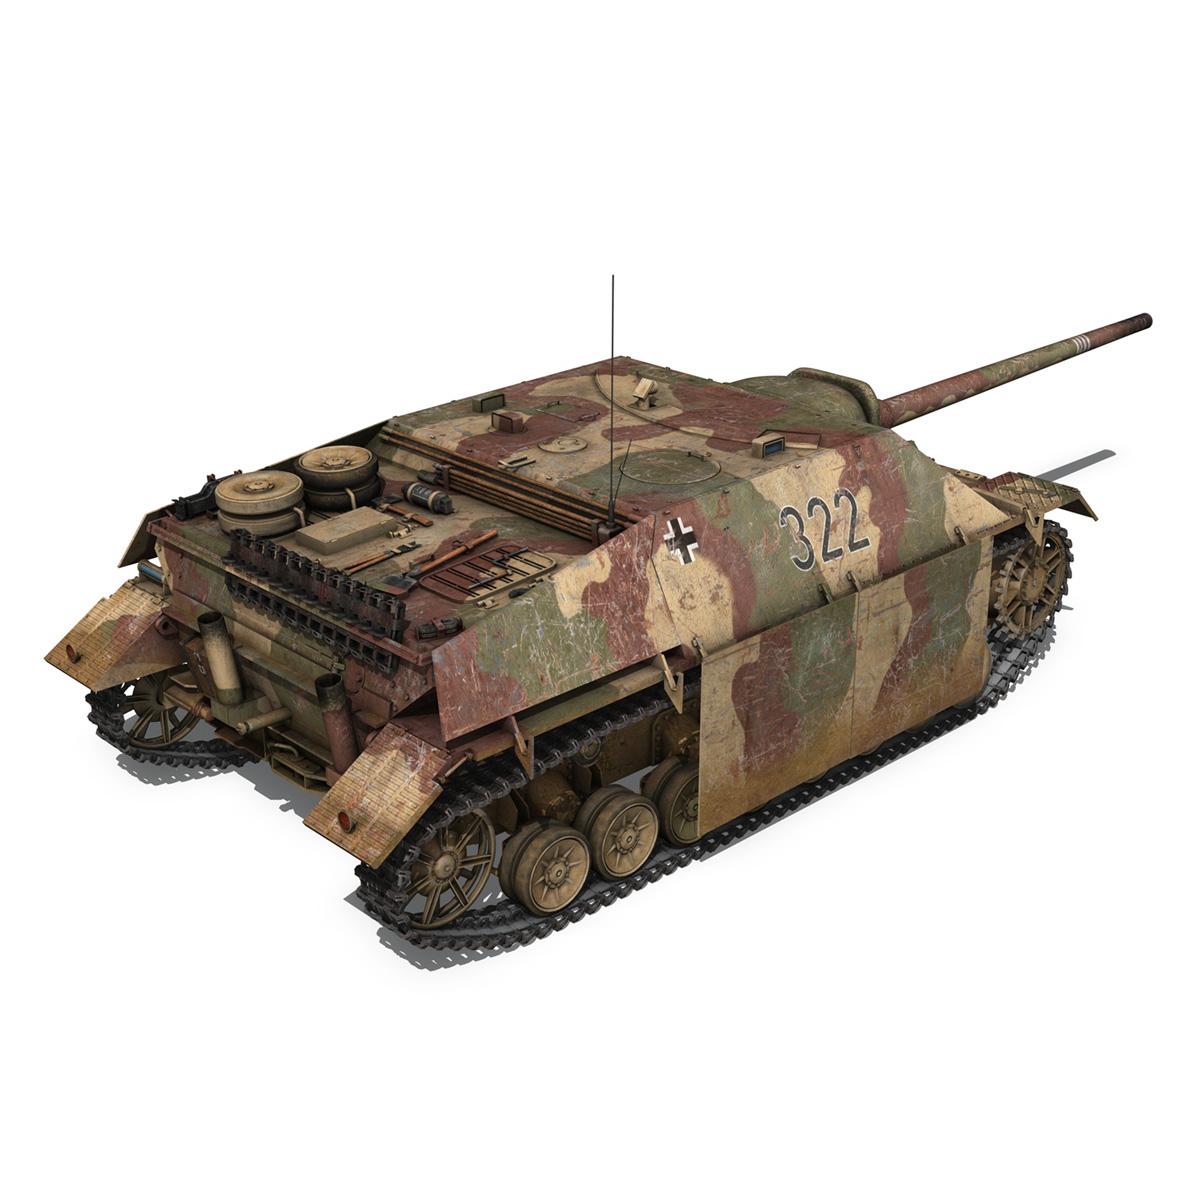 jagdpanzer iv l/70 (v) – 322 – late production 3d model 3ds fbx c4d lwo obj 282351